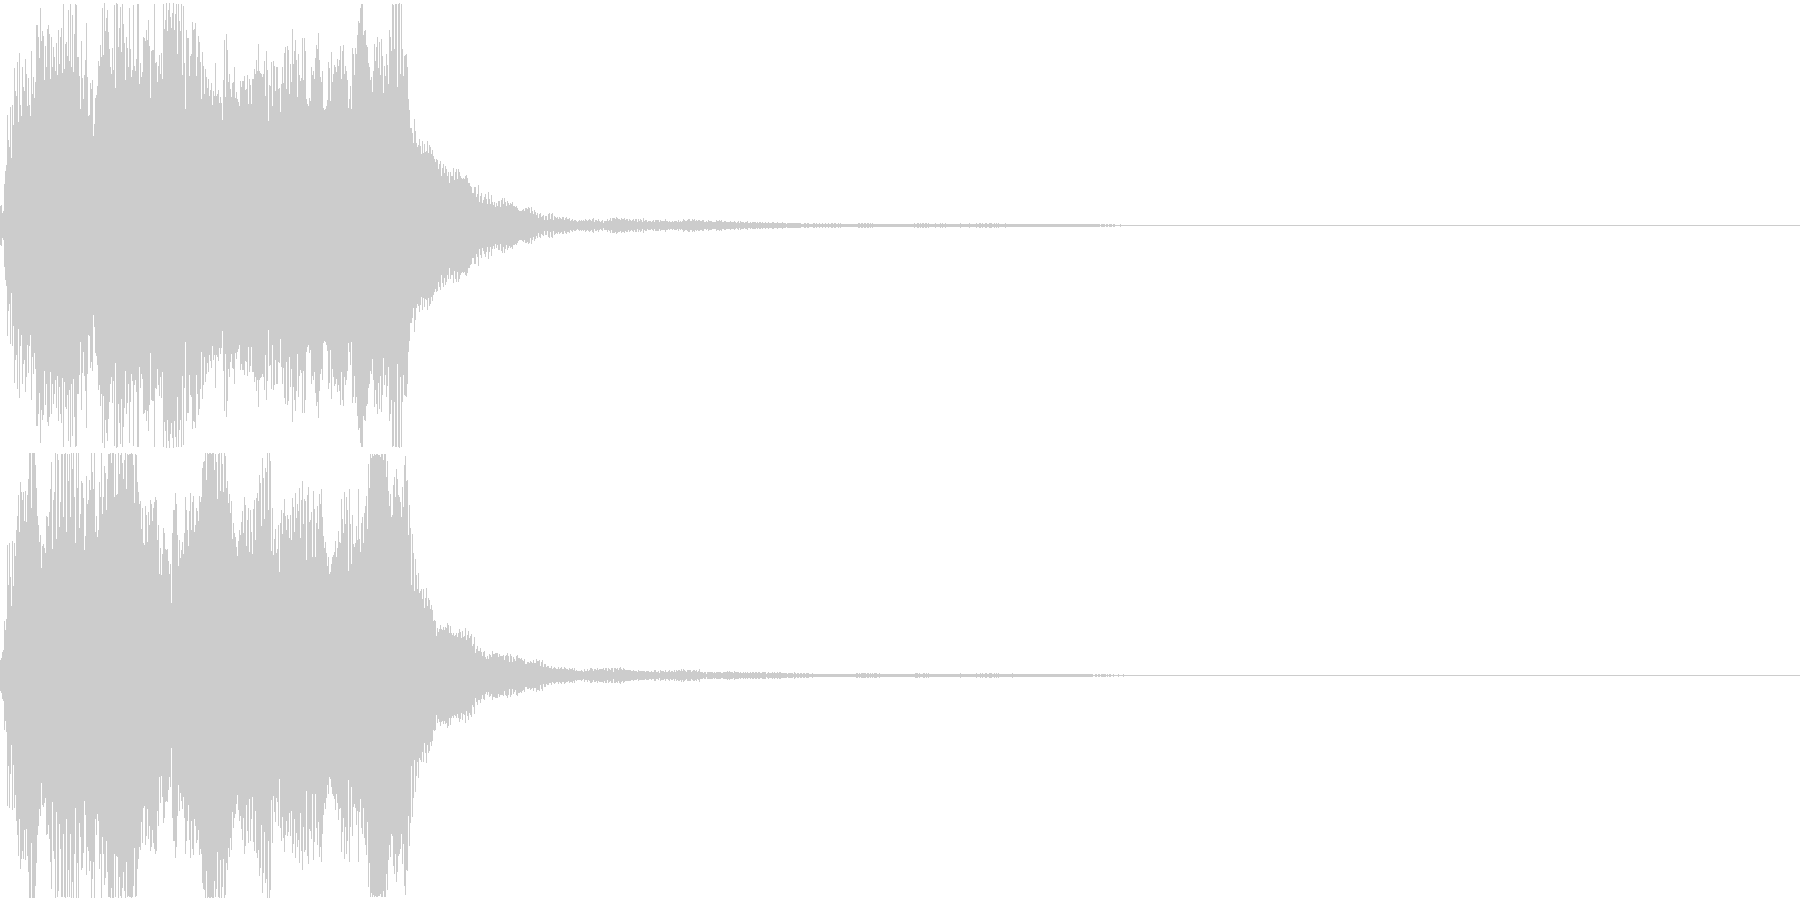 ラッパ ファンファーレ 定番 9の未再生の波形